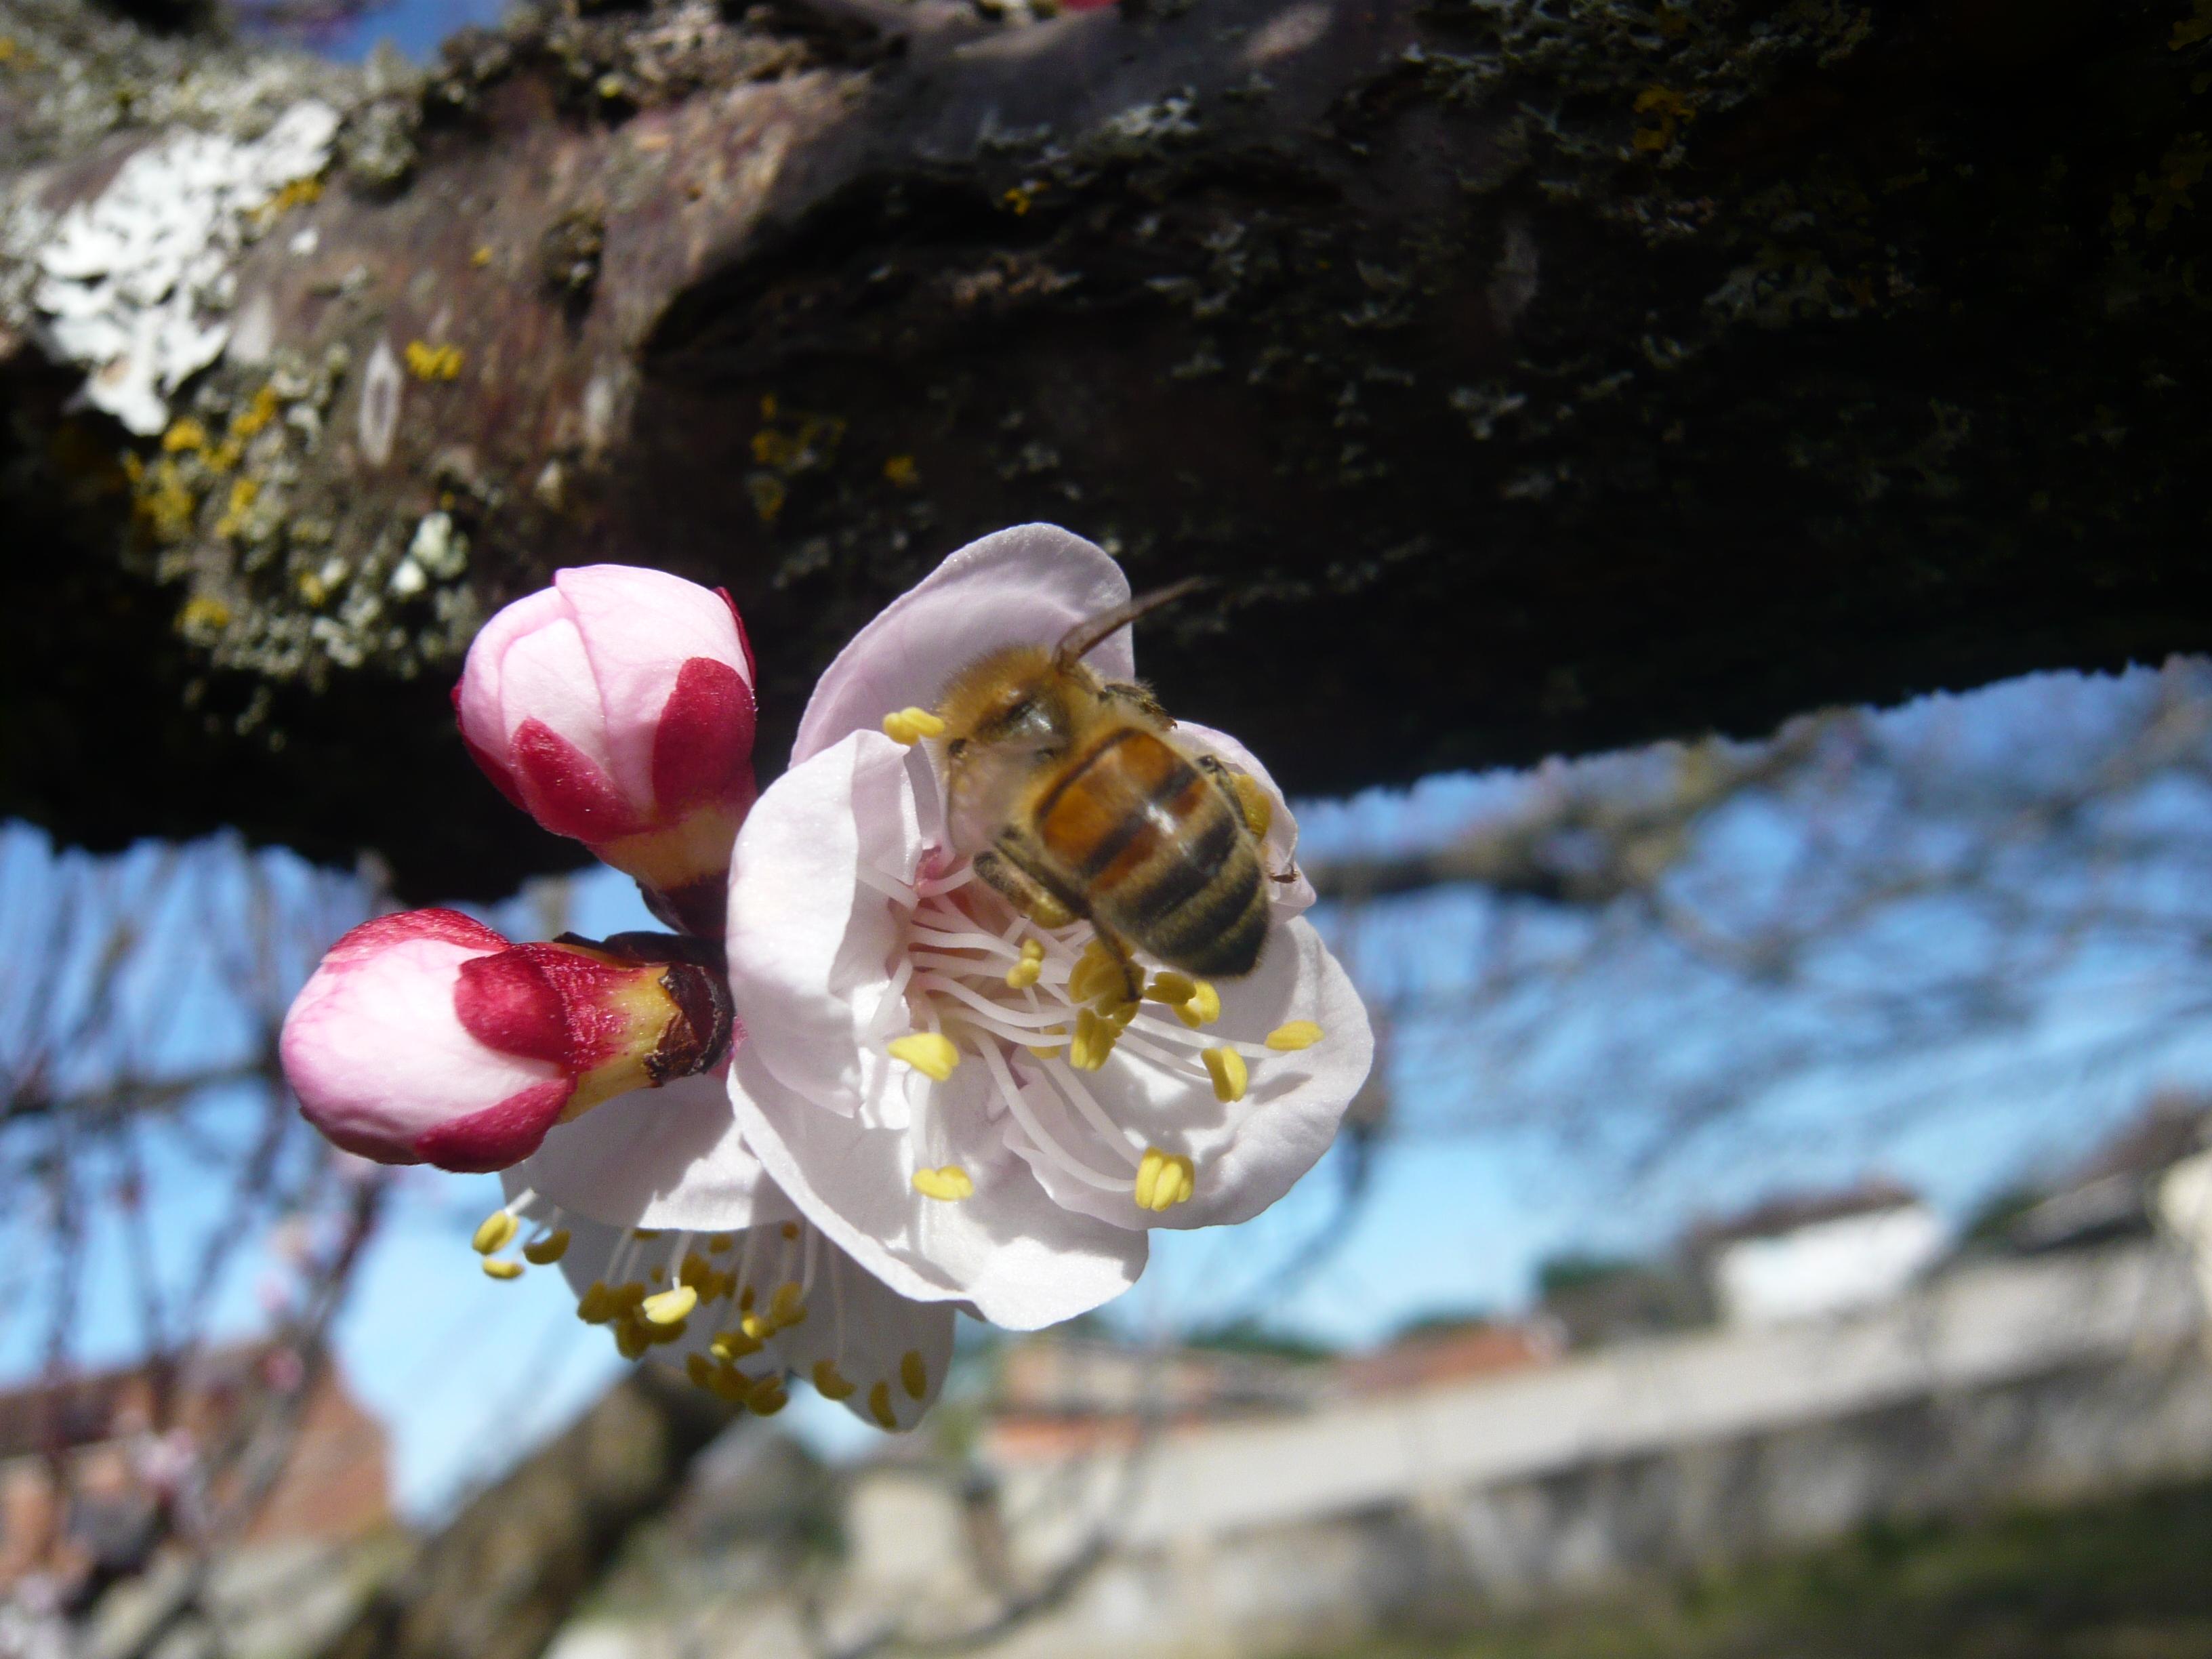 <a href=https://biodiv-montech.fr/observation/obs_293/abeille-domestique-apis-mellifera/>Abeille domestique (Apis mellifera)</a><br>Espèce : sous-espèce italienne de l'Abeille domestique<br>Observé à Rue Arnaud  Veissière Montech l'après-midi du 25 / 02 / 2017<br>